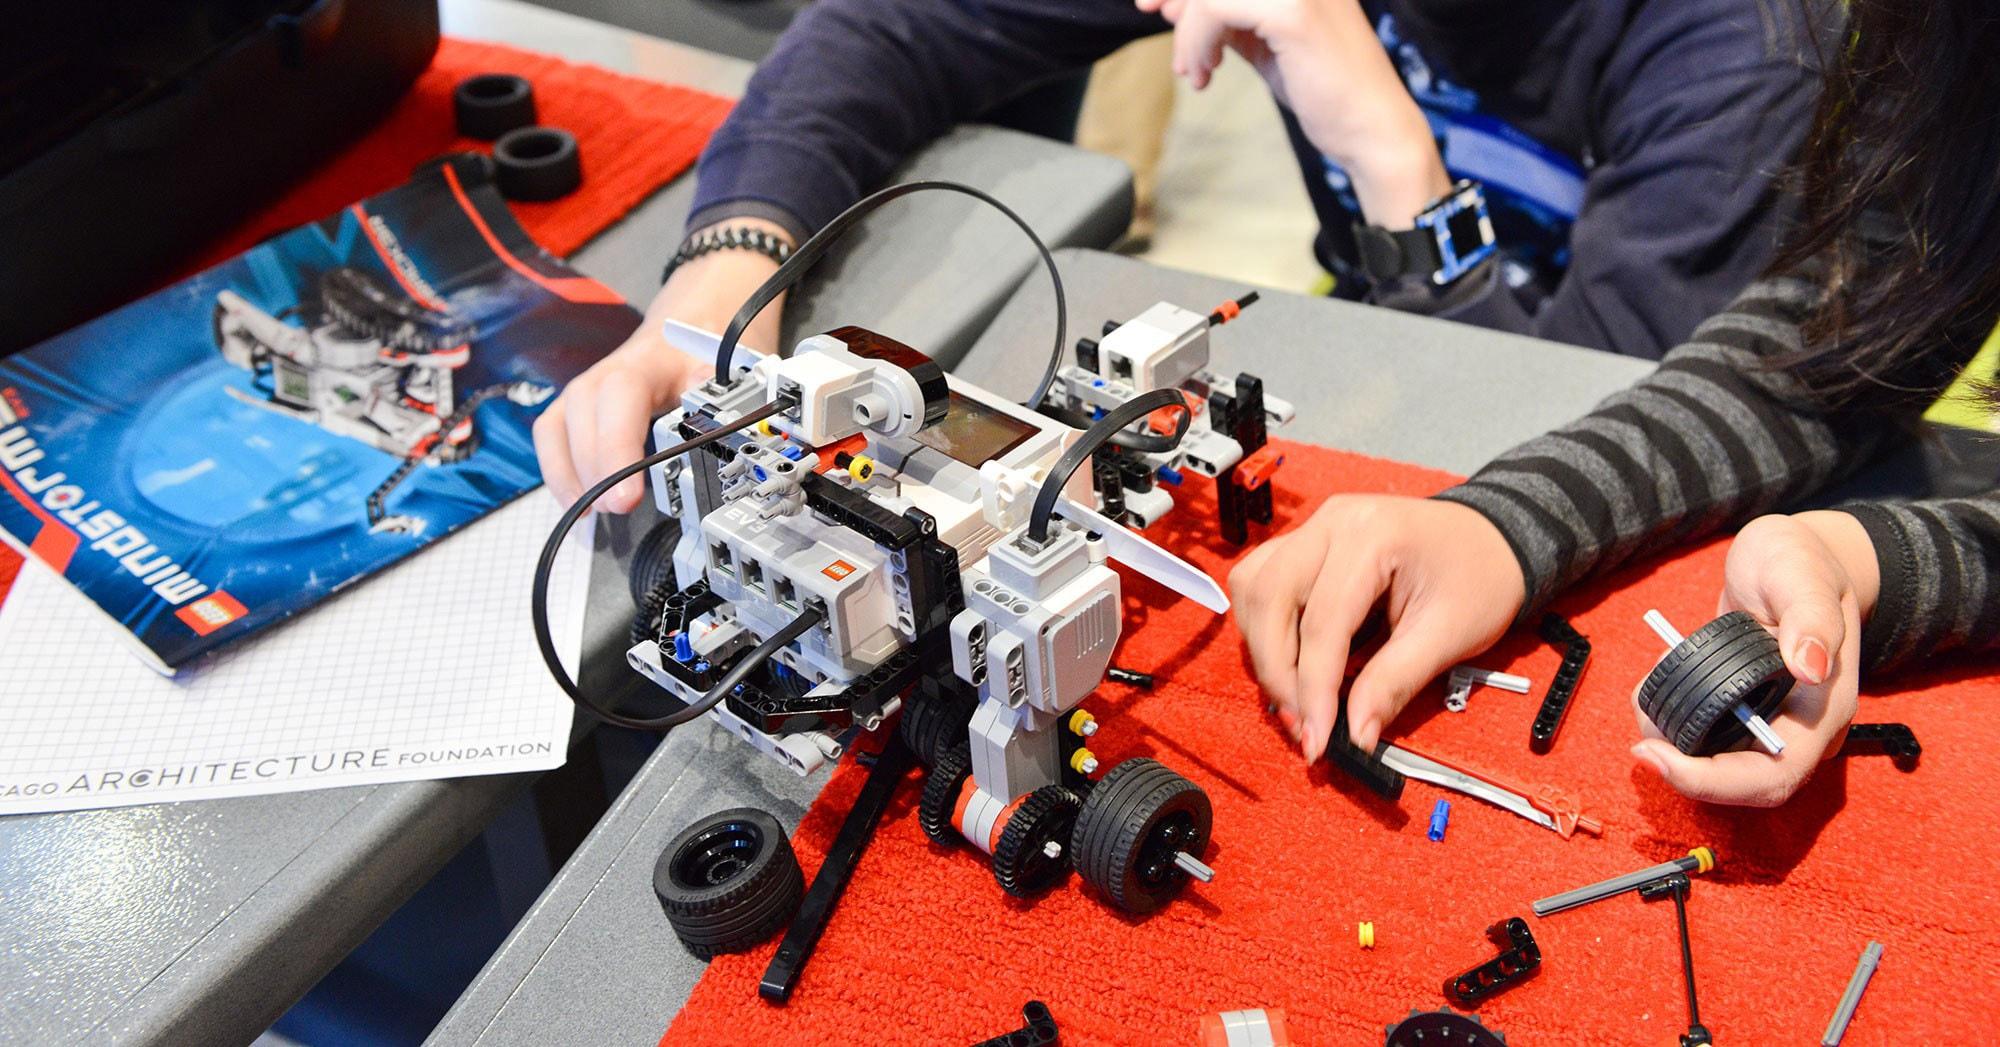 Τα ρομπότ της LEGO επέστρεψαν και είναι καλύτερα από ποτέ!